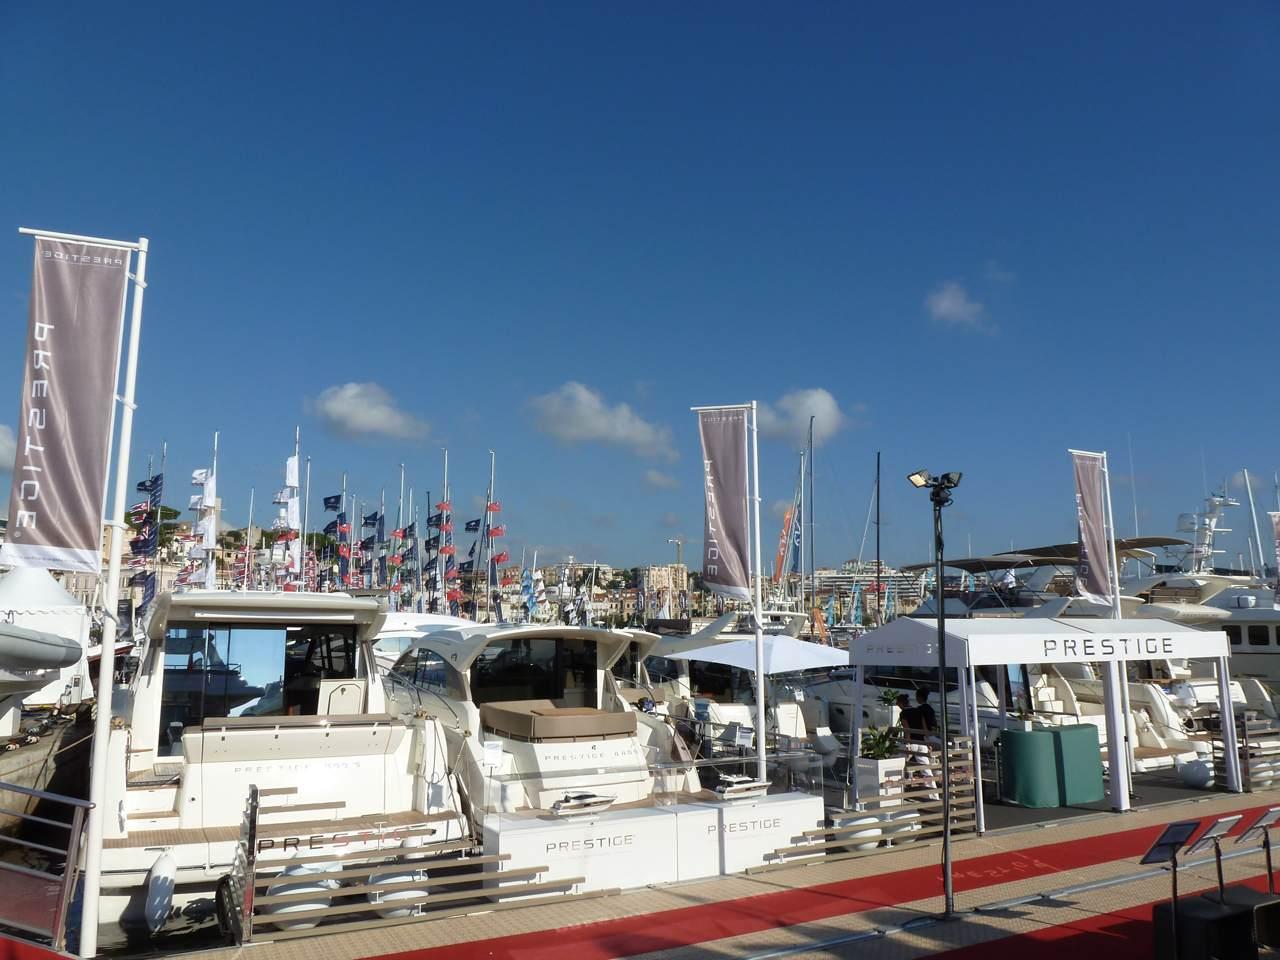 Prestige in Festival de la Plaisance in Cannes 5